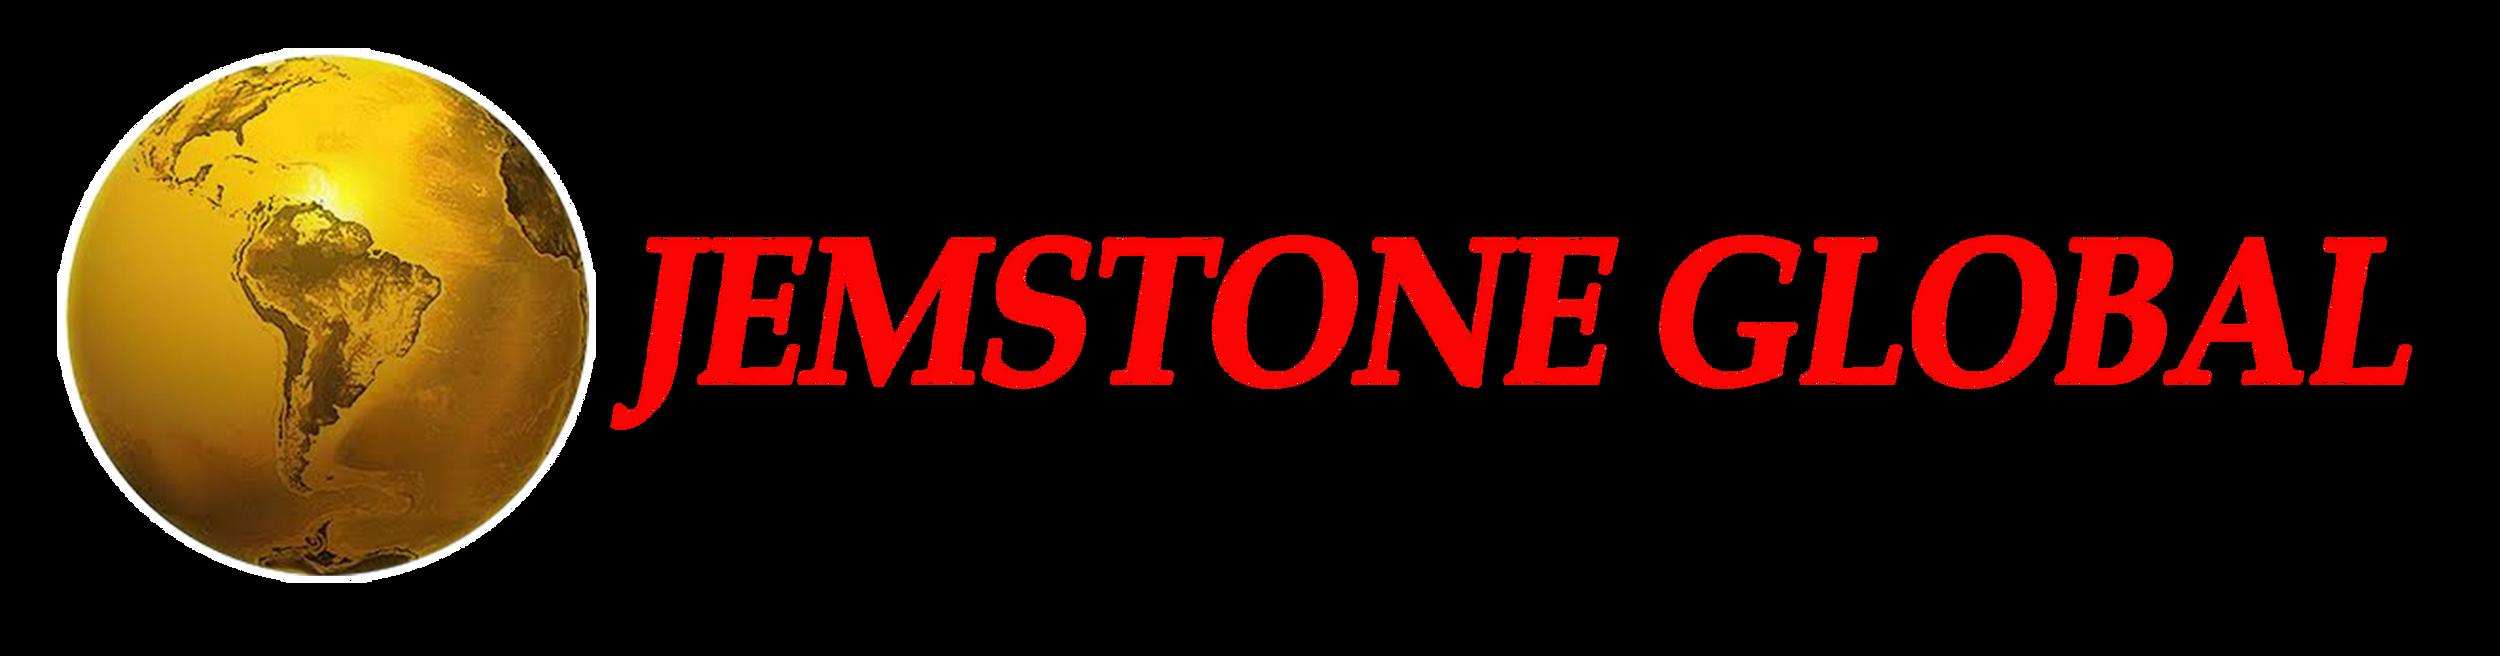 Jemstone Global